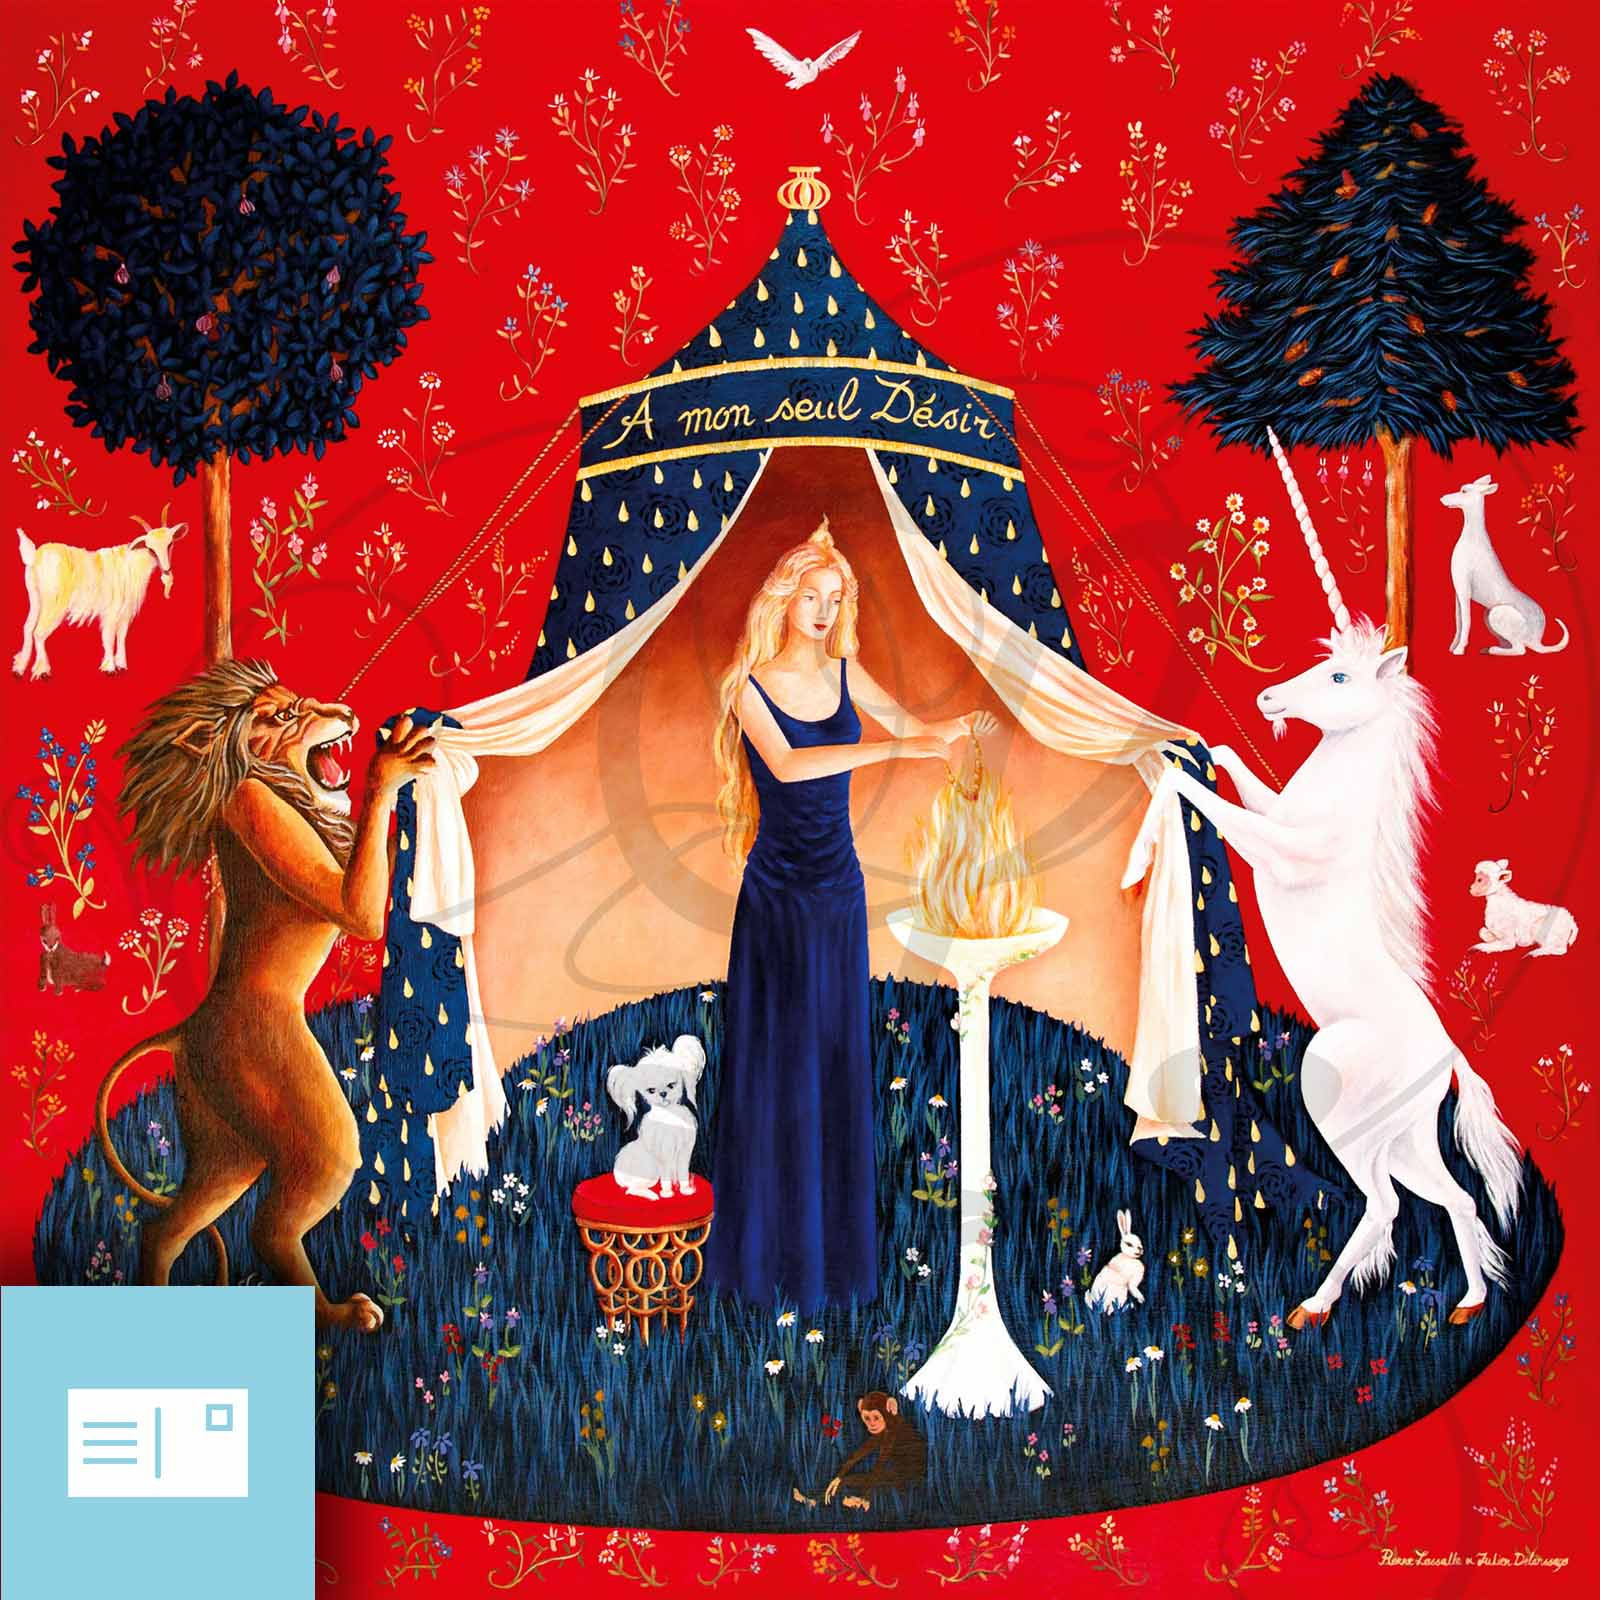 Carte postale mon seul d sir legendart - Tapisserie dame a la licorne ...